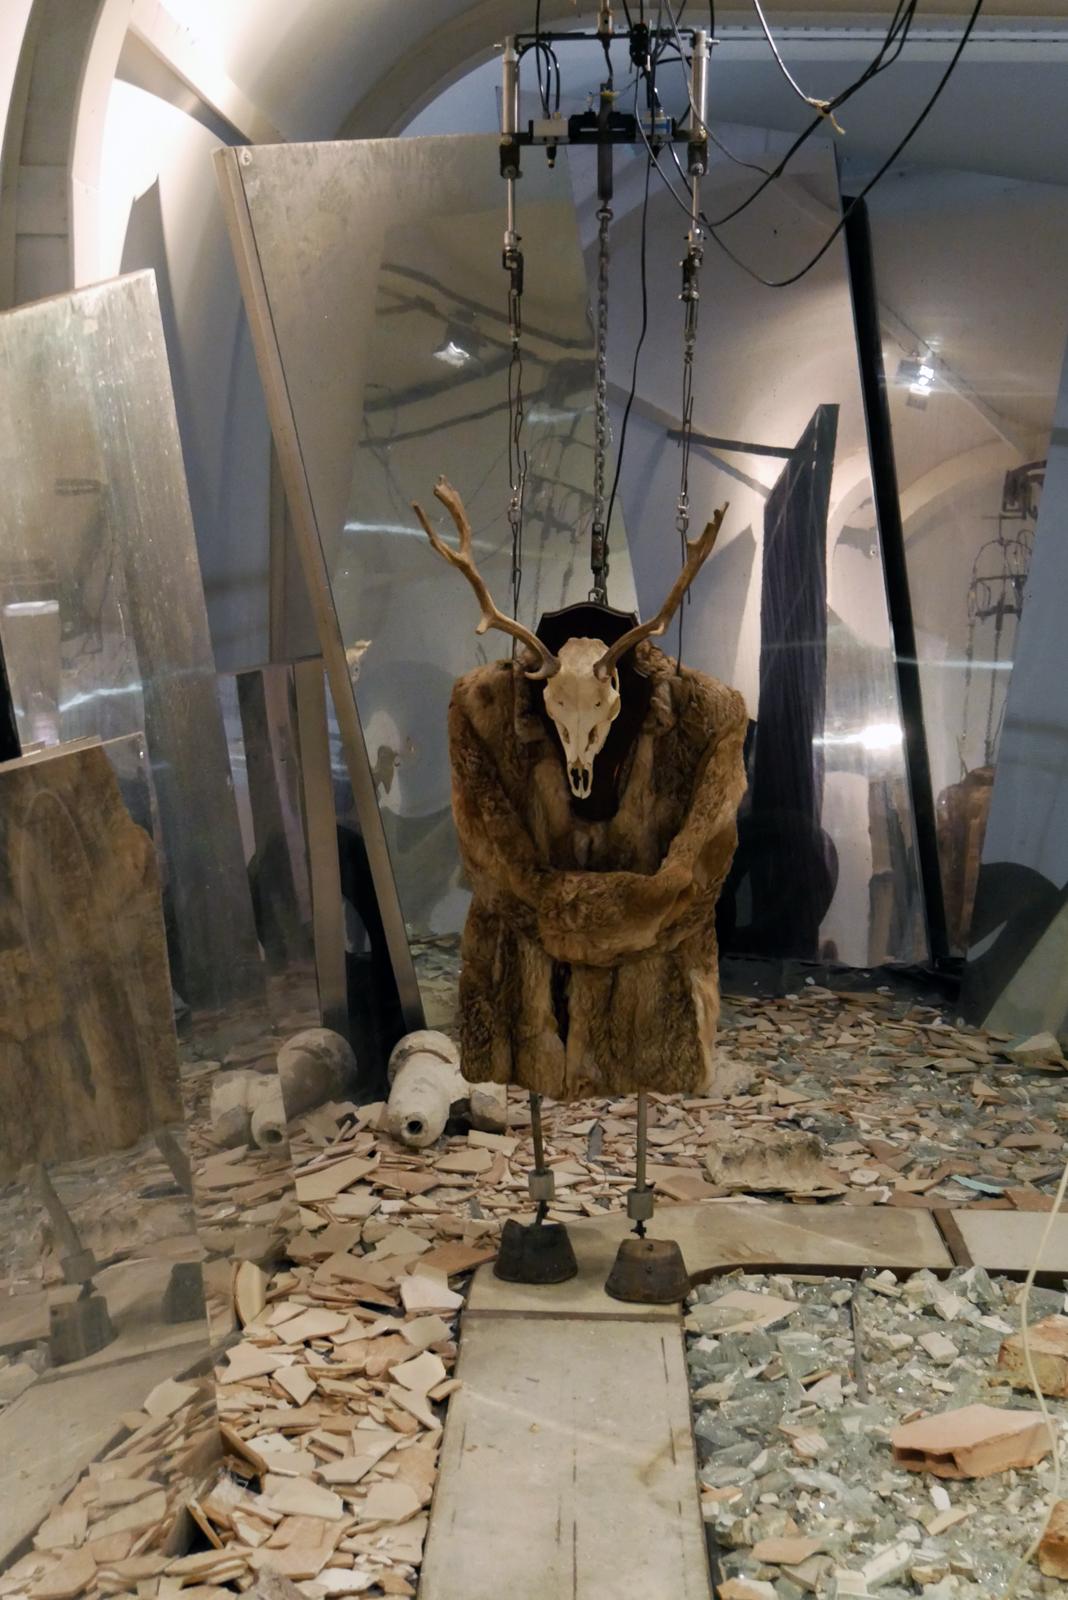 gilbert-peyre-j-ai-froid-1998-2000-electropneumatique-exposition-halle-saint-pierre-paris